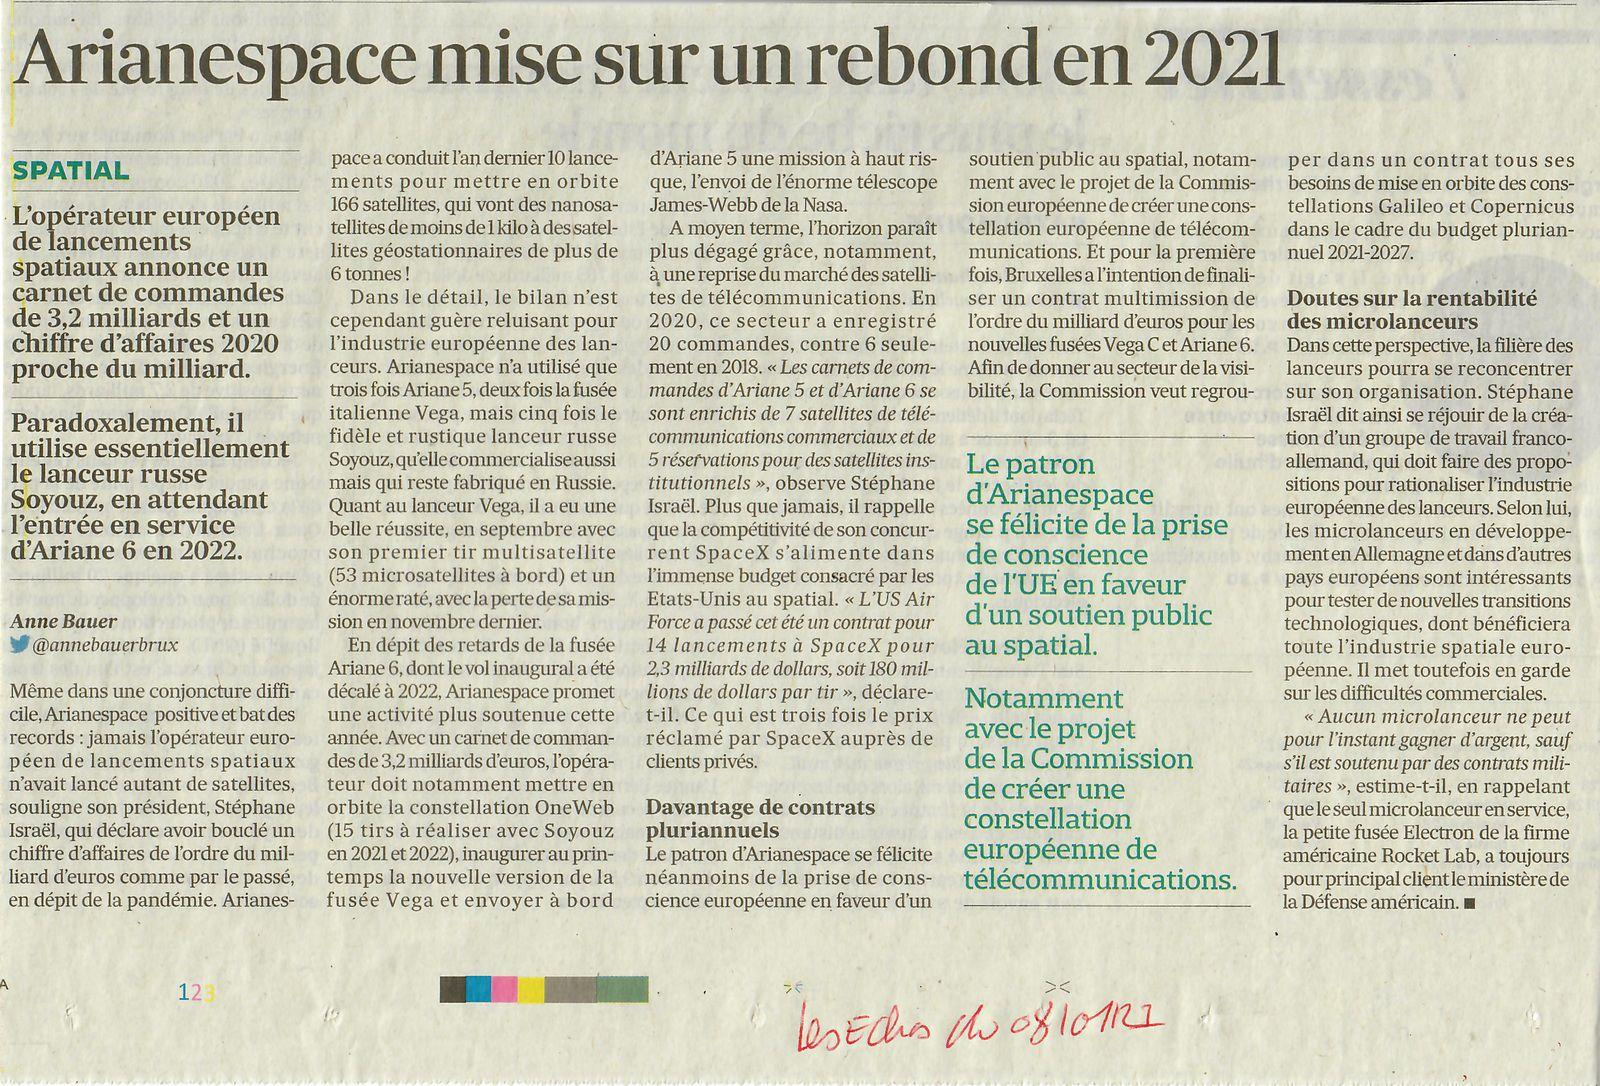 Vus et lus dans Les echos du 08/01/21 et du 26/02/21